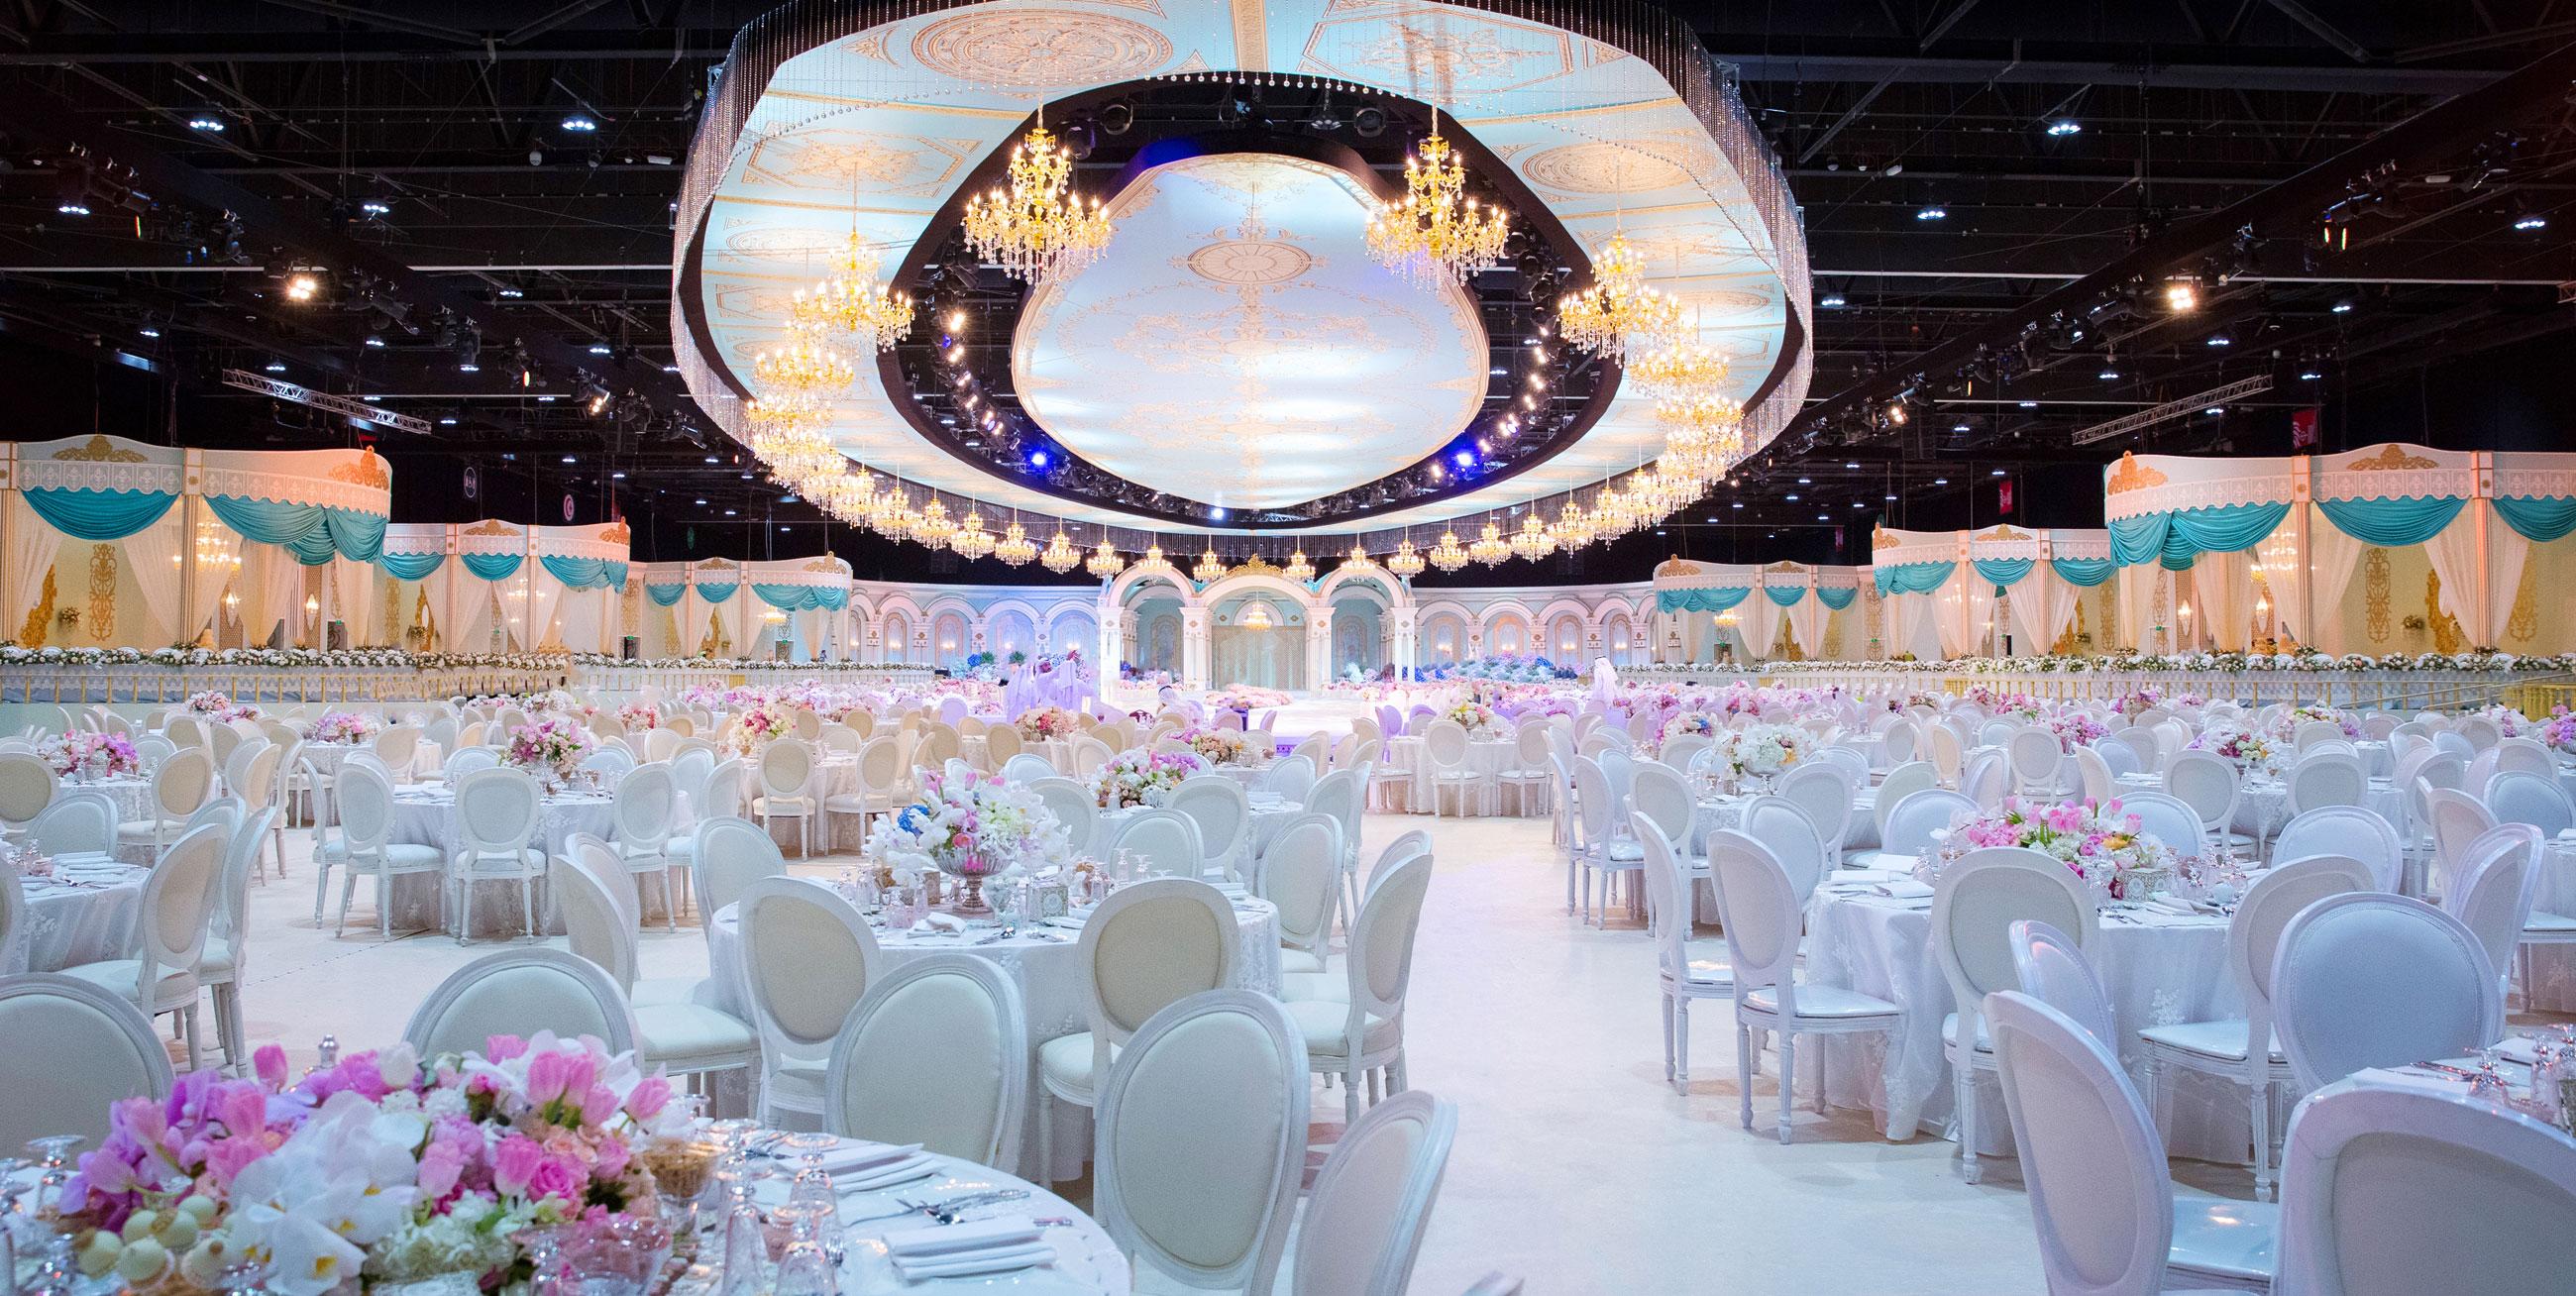 Olivierdolz top wedding planner event organizer in dubai abu next junglespirit Image collections